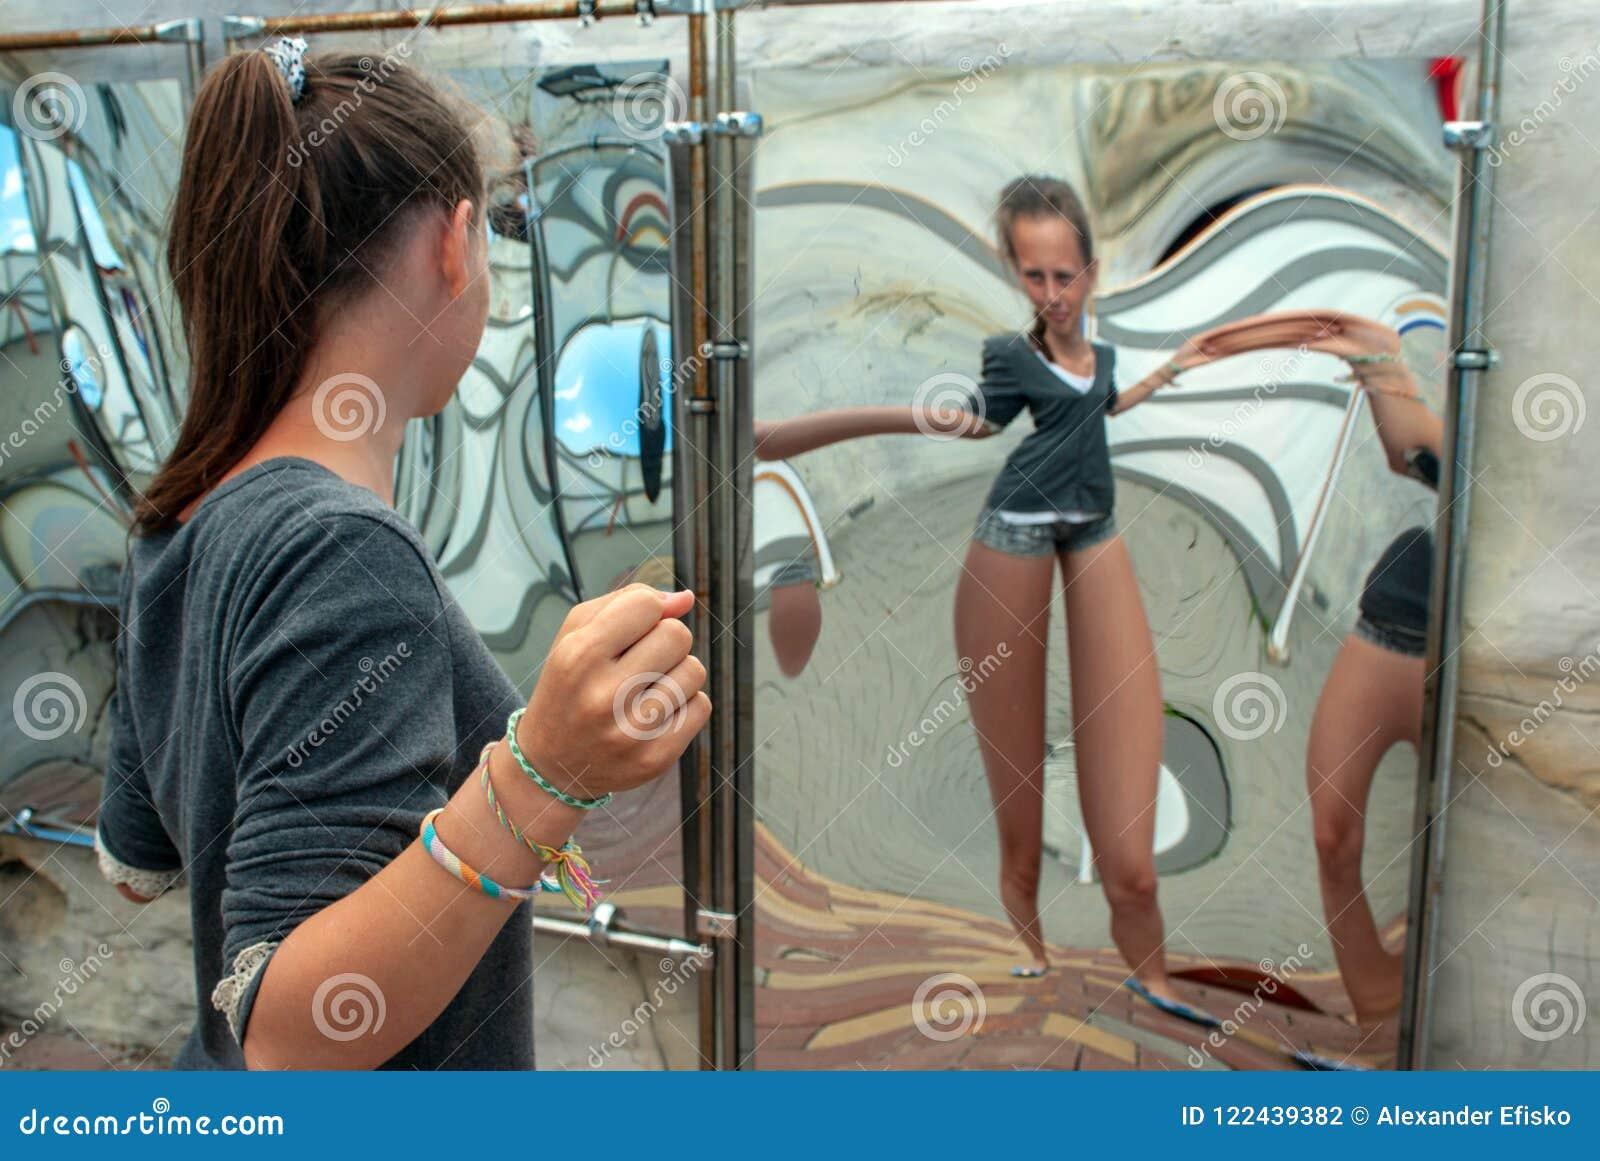 Attrazione, ragazza che esamina la sua immagine nello specchio distorto nel corridoio degli specchi